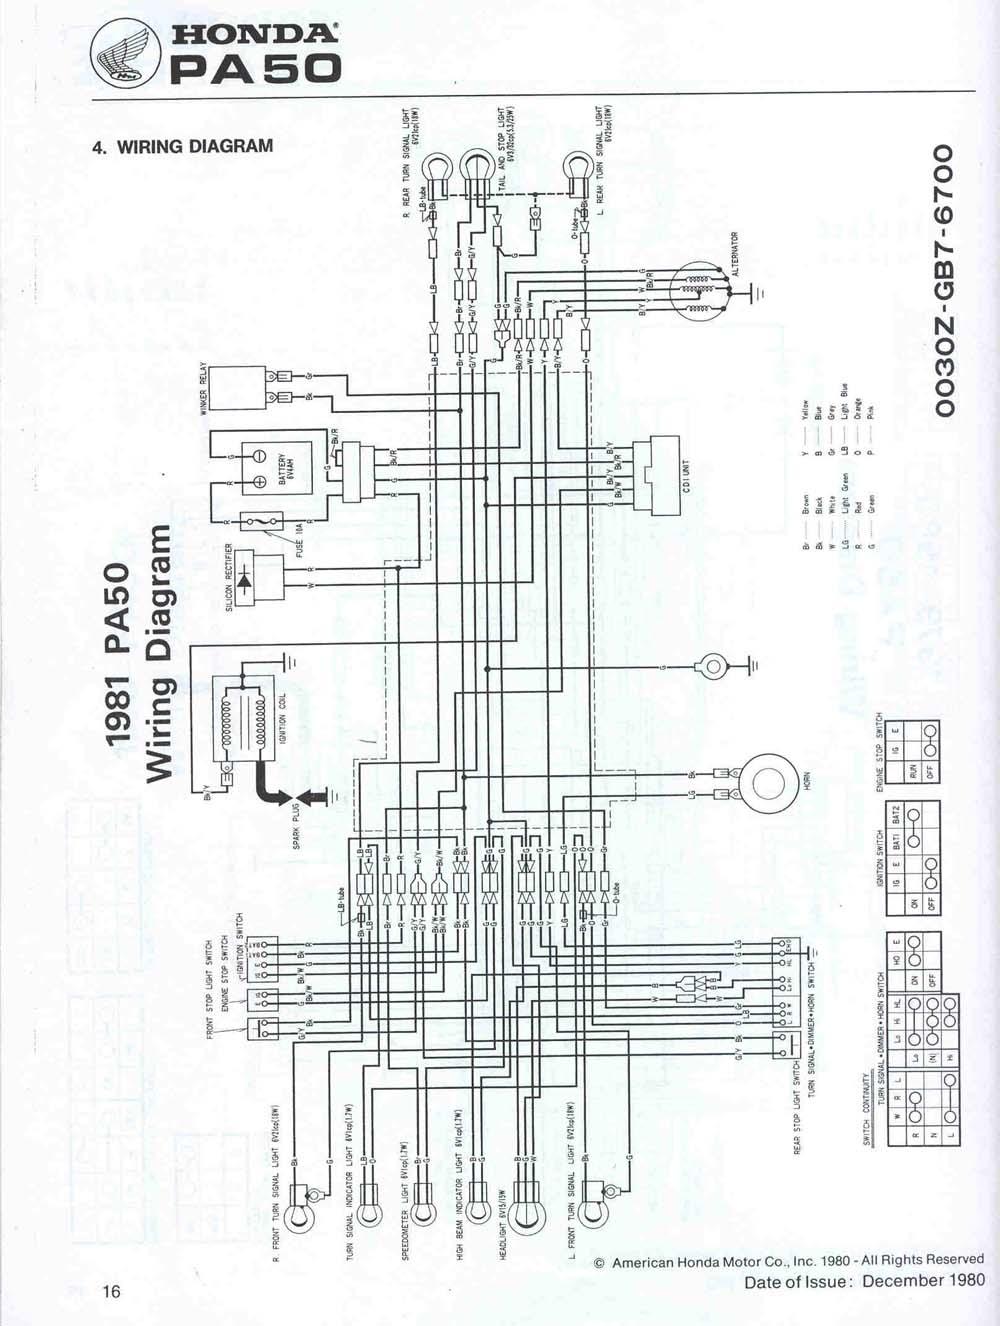 honda hobbit cdi wiring